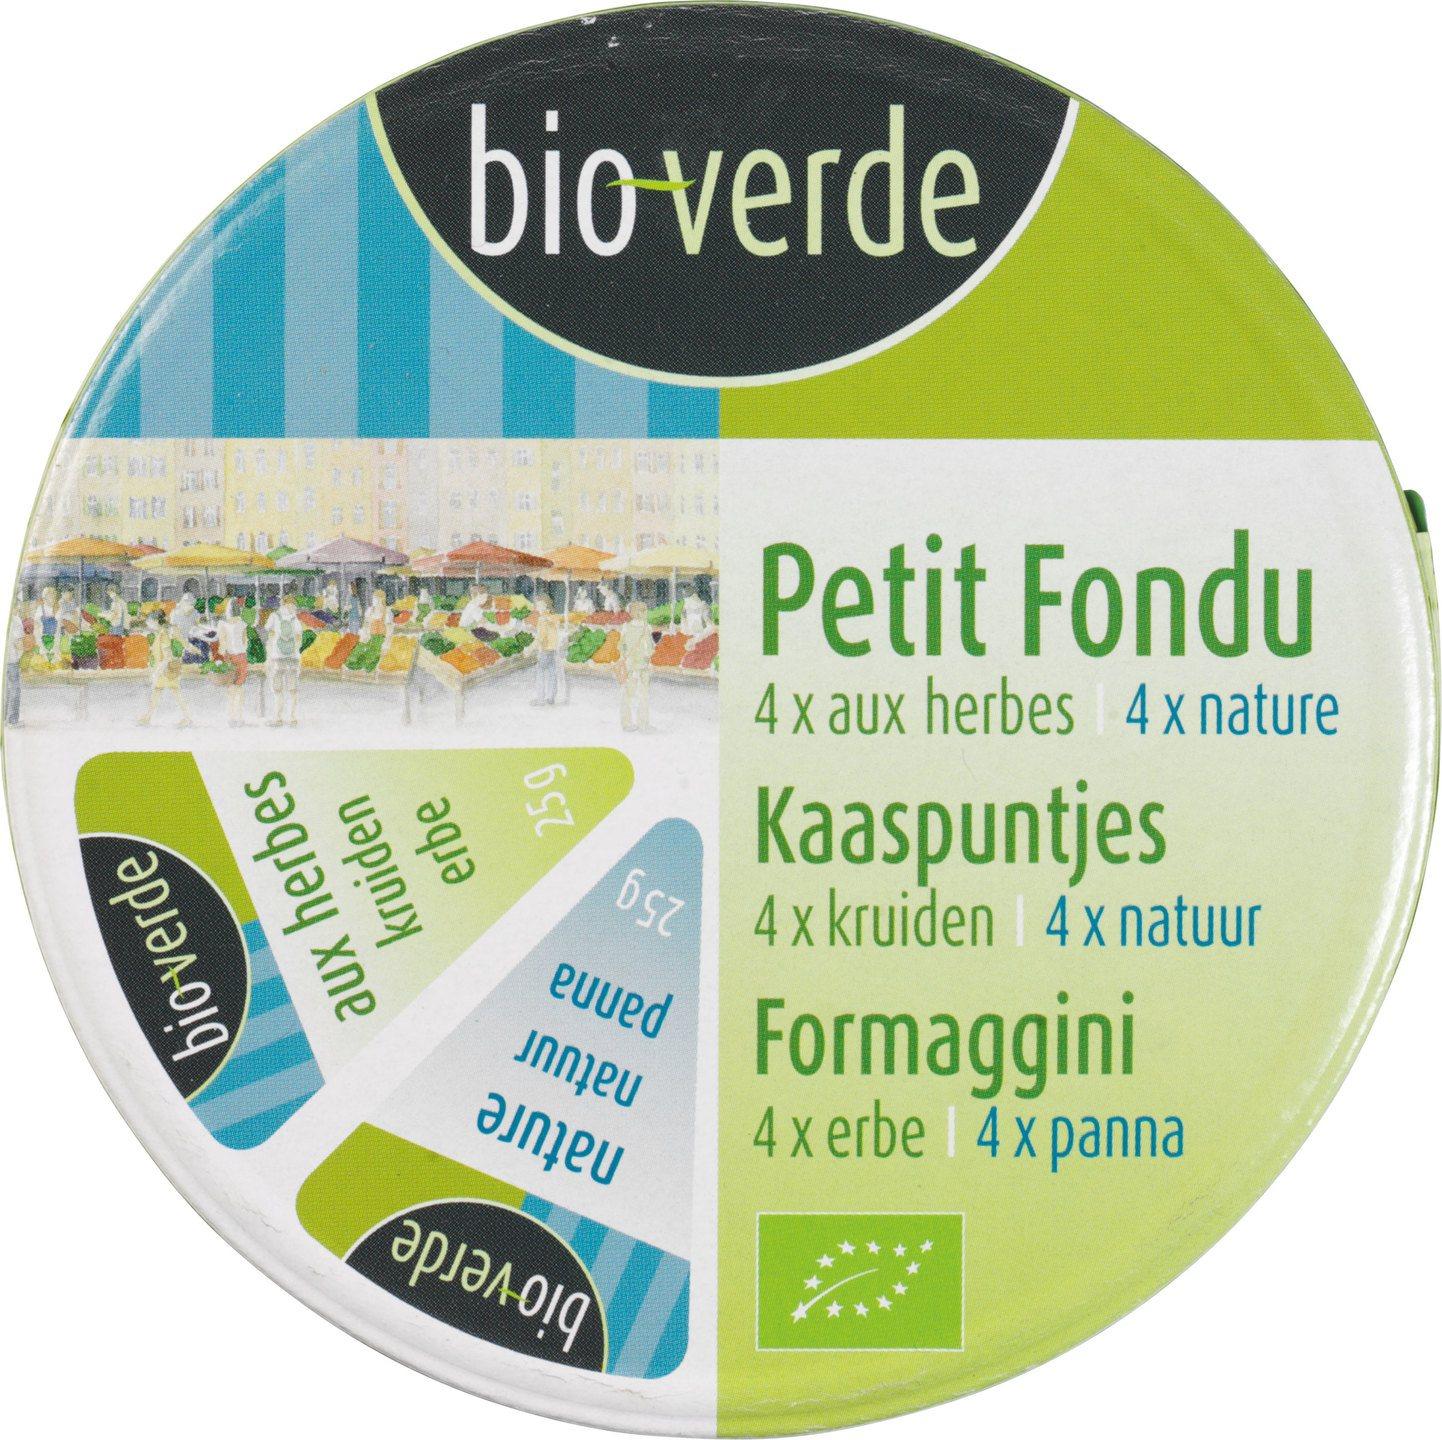 Biologische Bioverde Kaaspuntjes met kruiden mix 200 gr